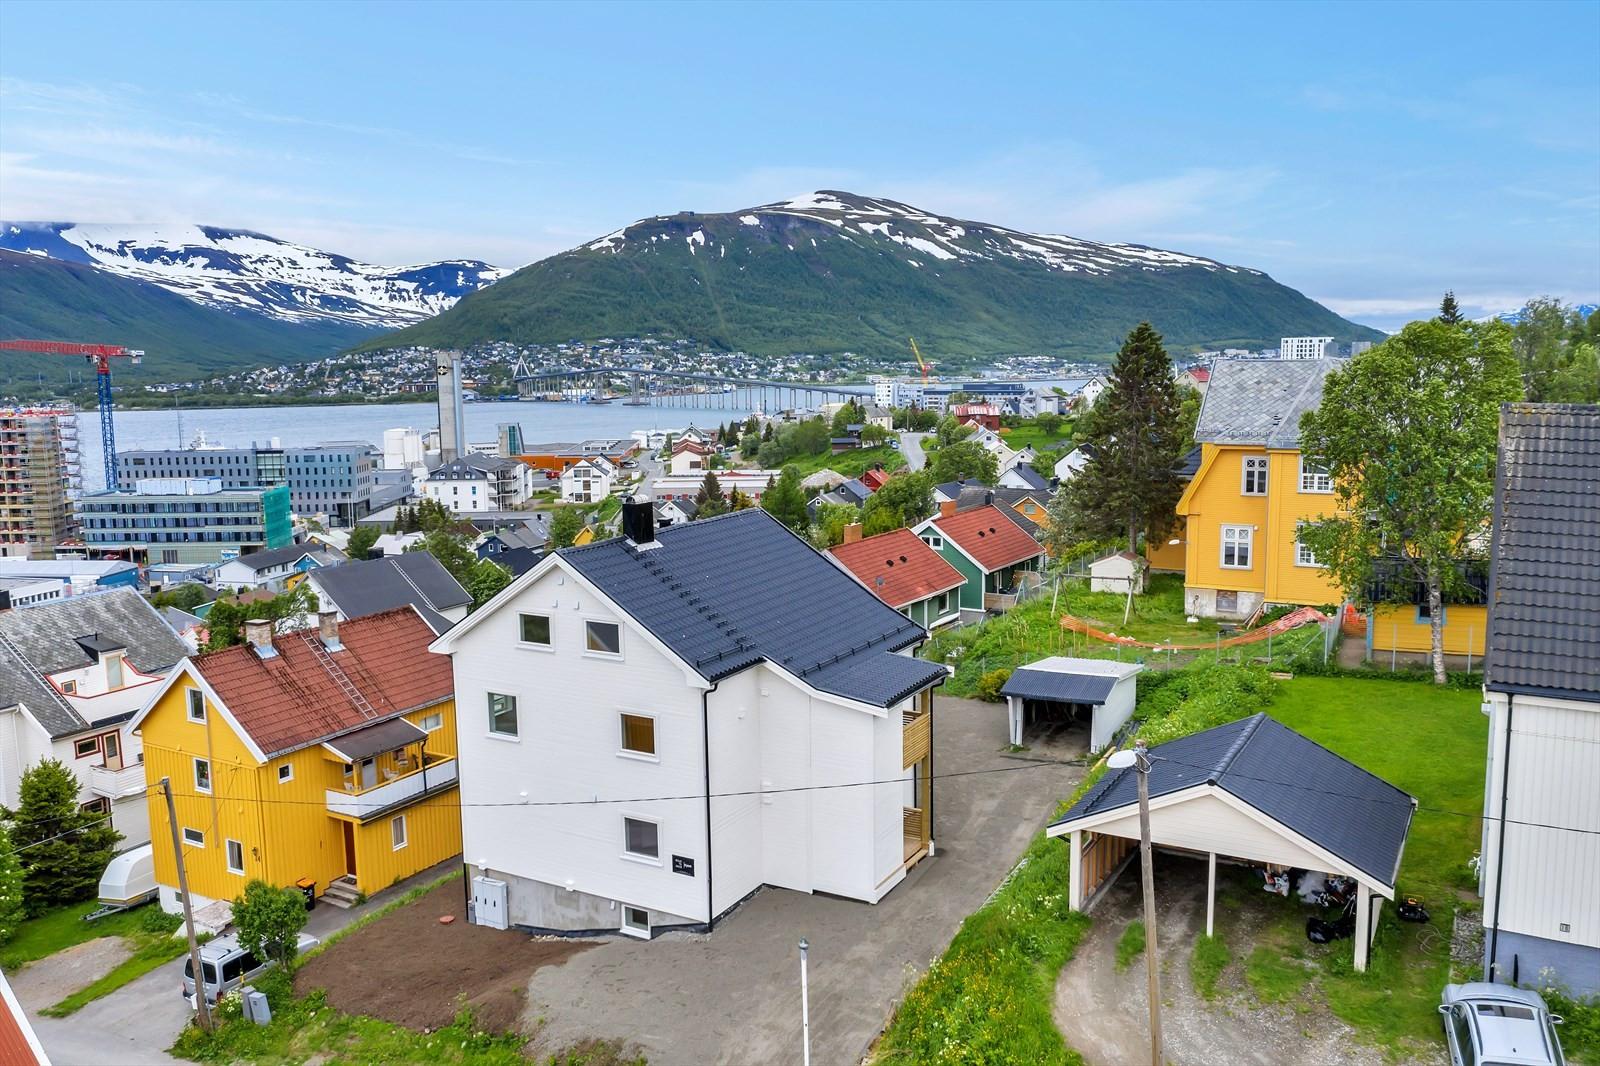 Eiendommen ligger i østvendt skrånende terreng med utsikt mot Tromsøysundet og Tromsdalen.